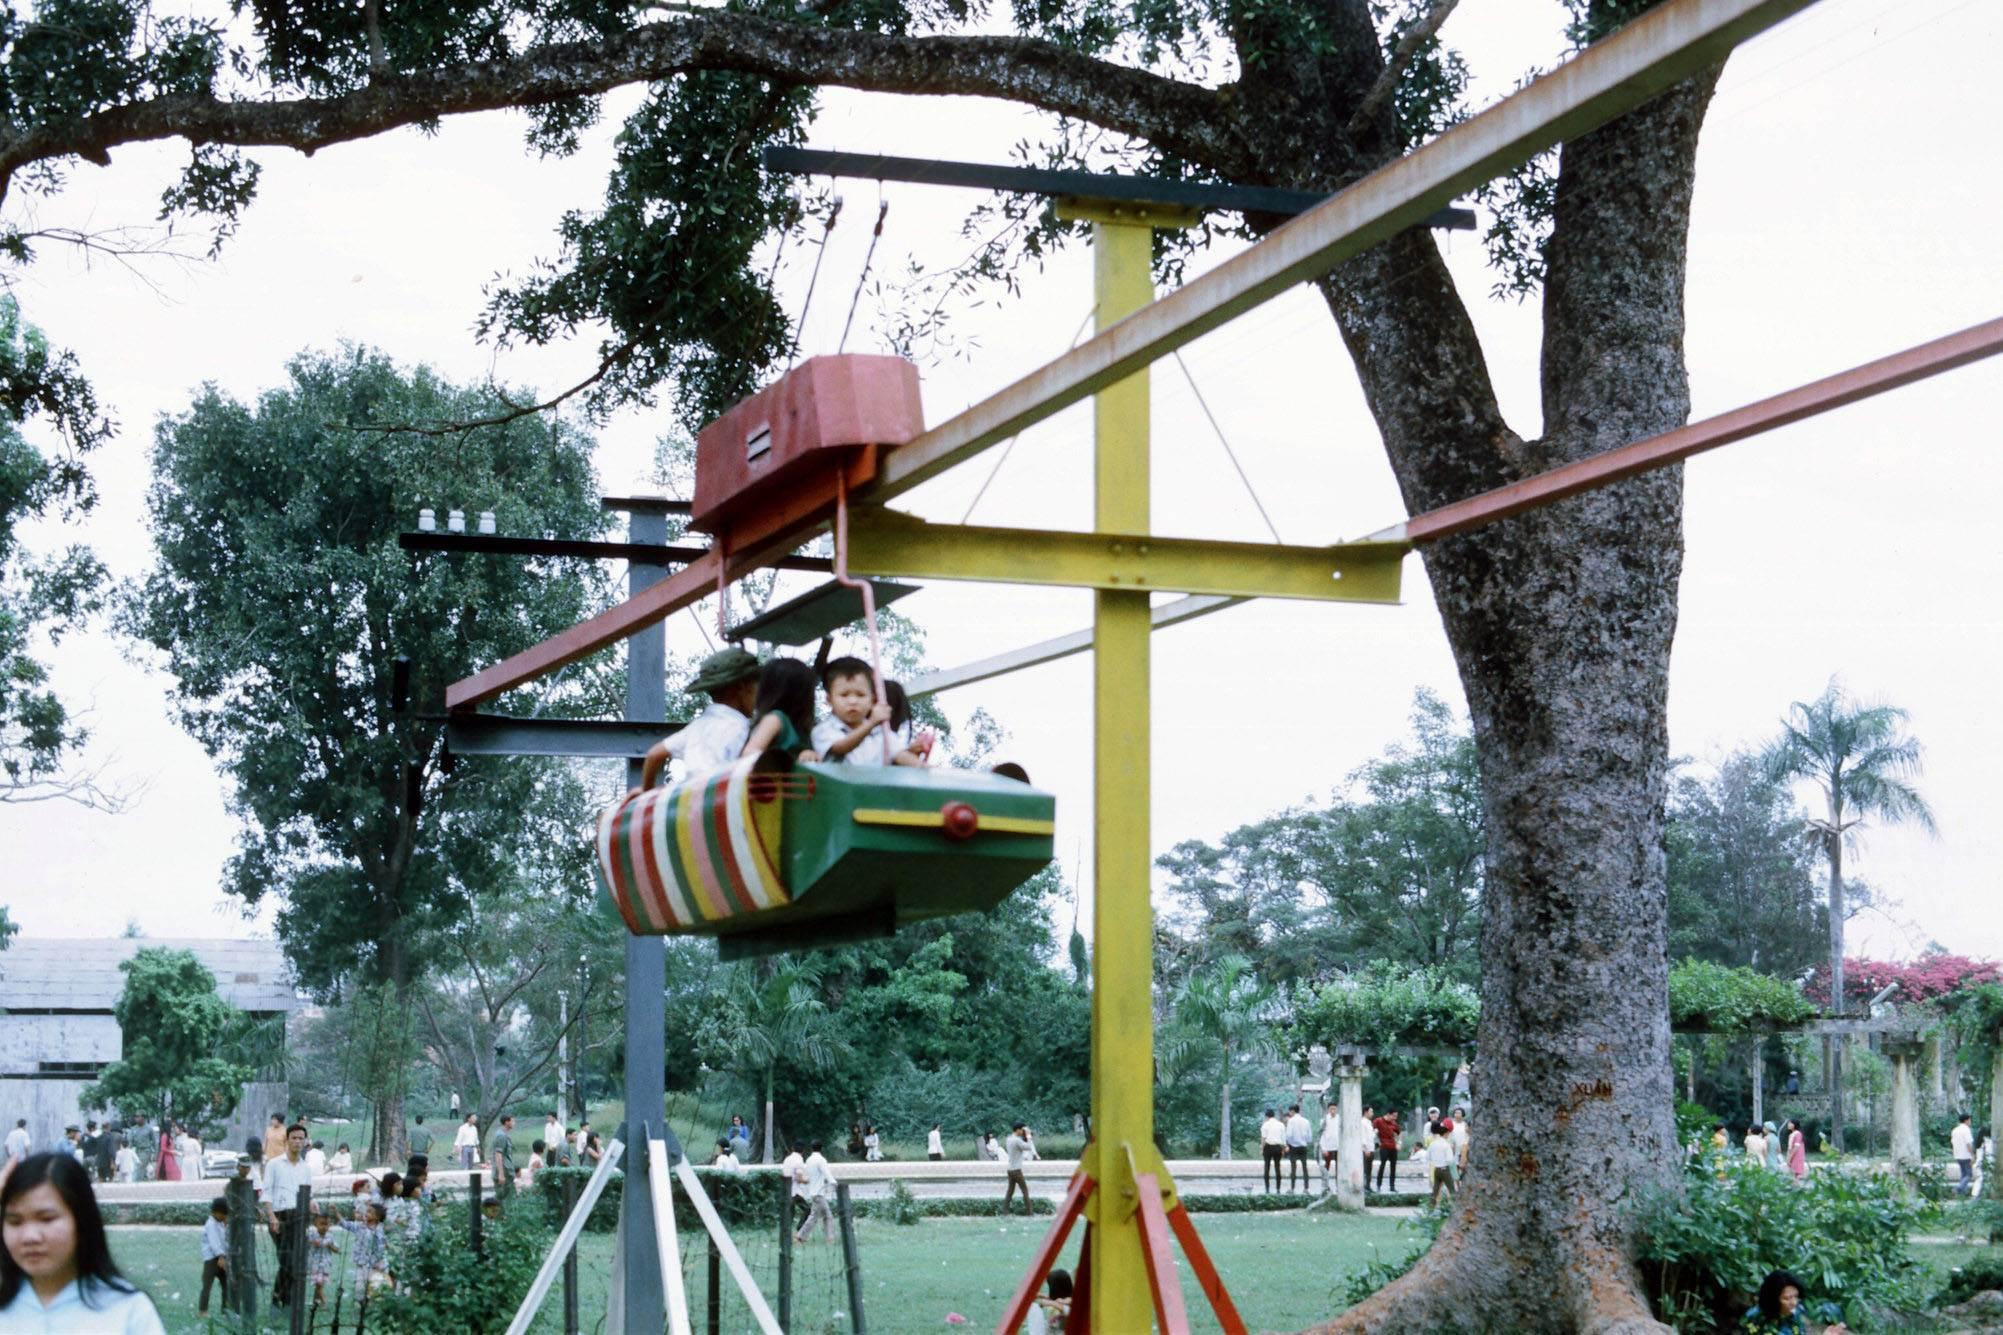 Khu vui chơi dành cho các em nhỏ trong Thảo Cầm Viên